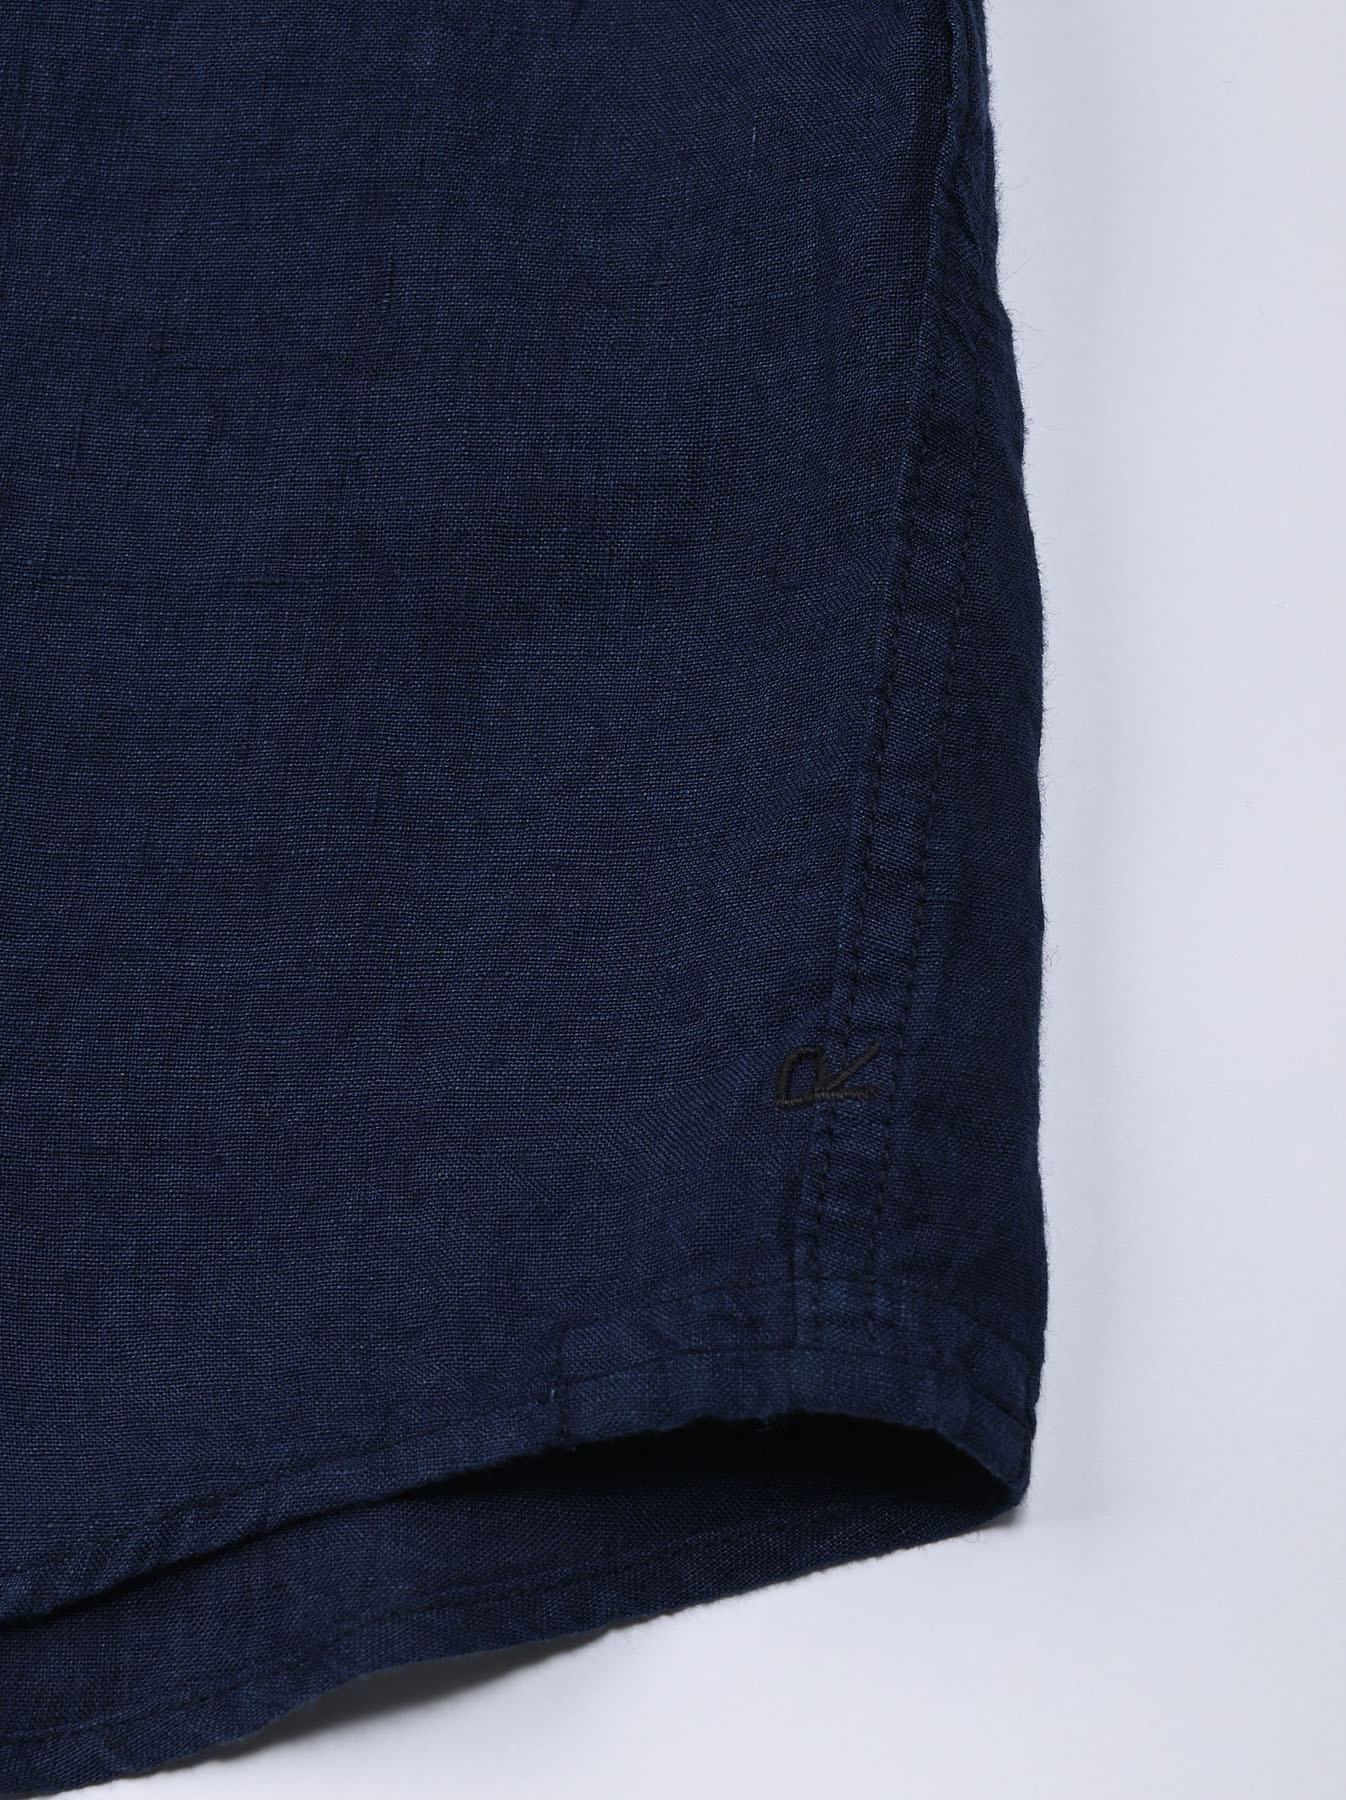 Indigo Indian Linen Flat 908 Ocean Shirt (0521)-9